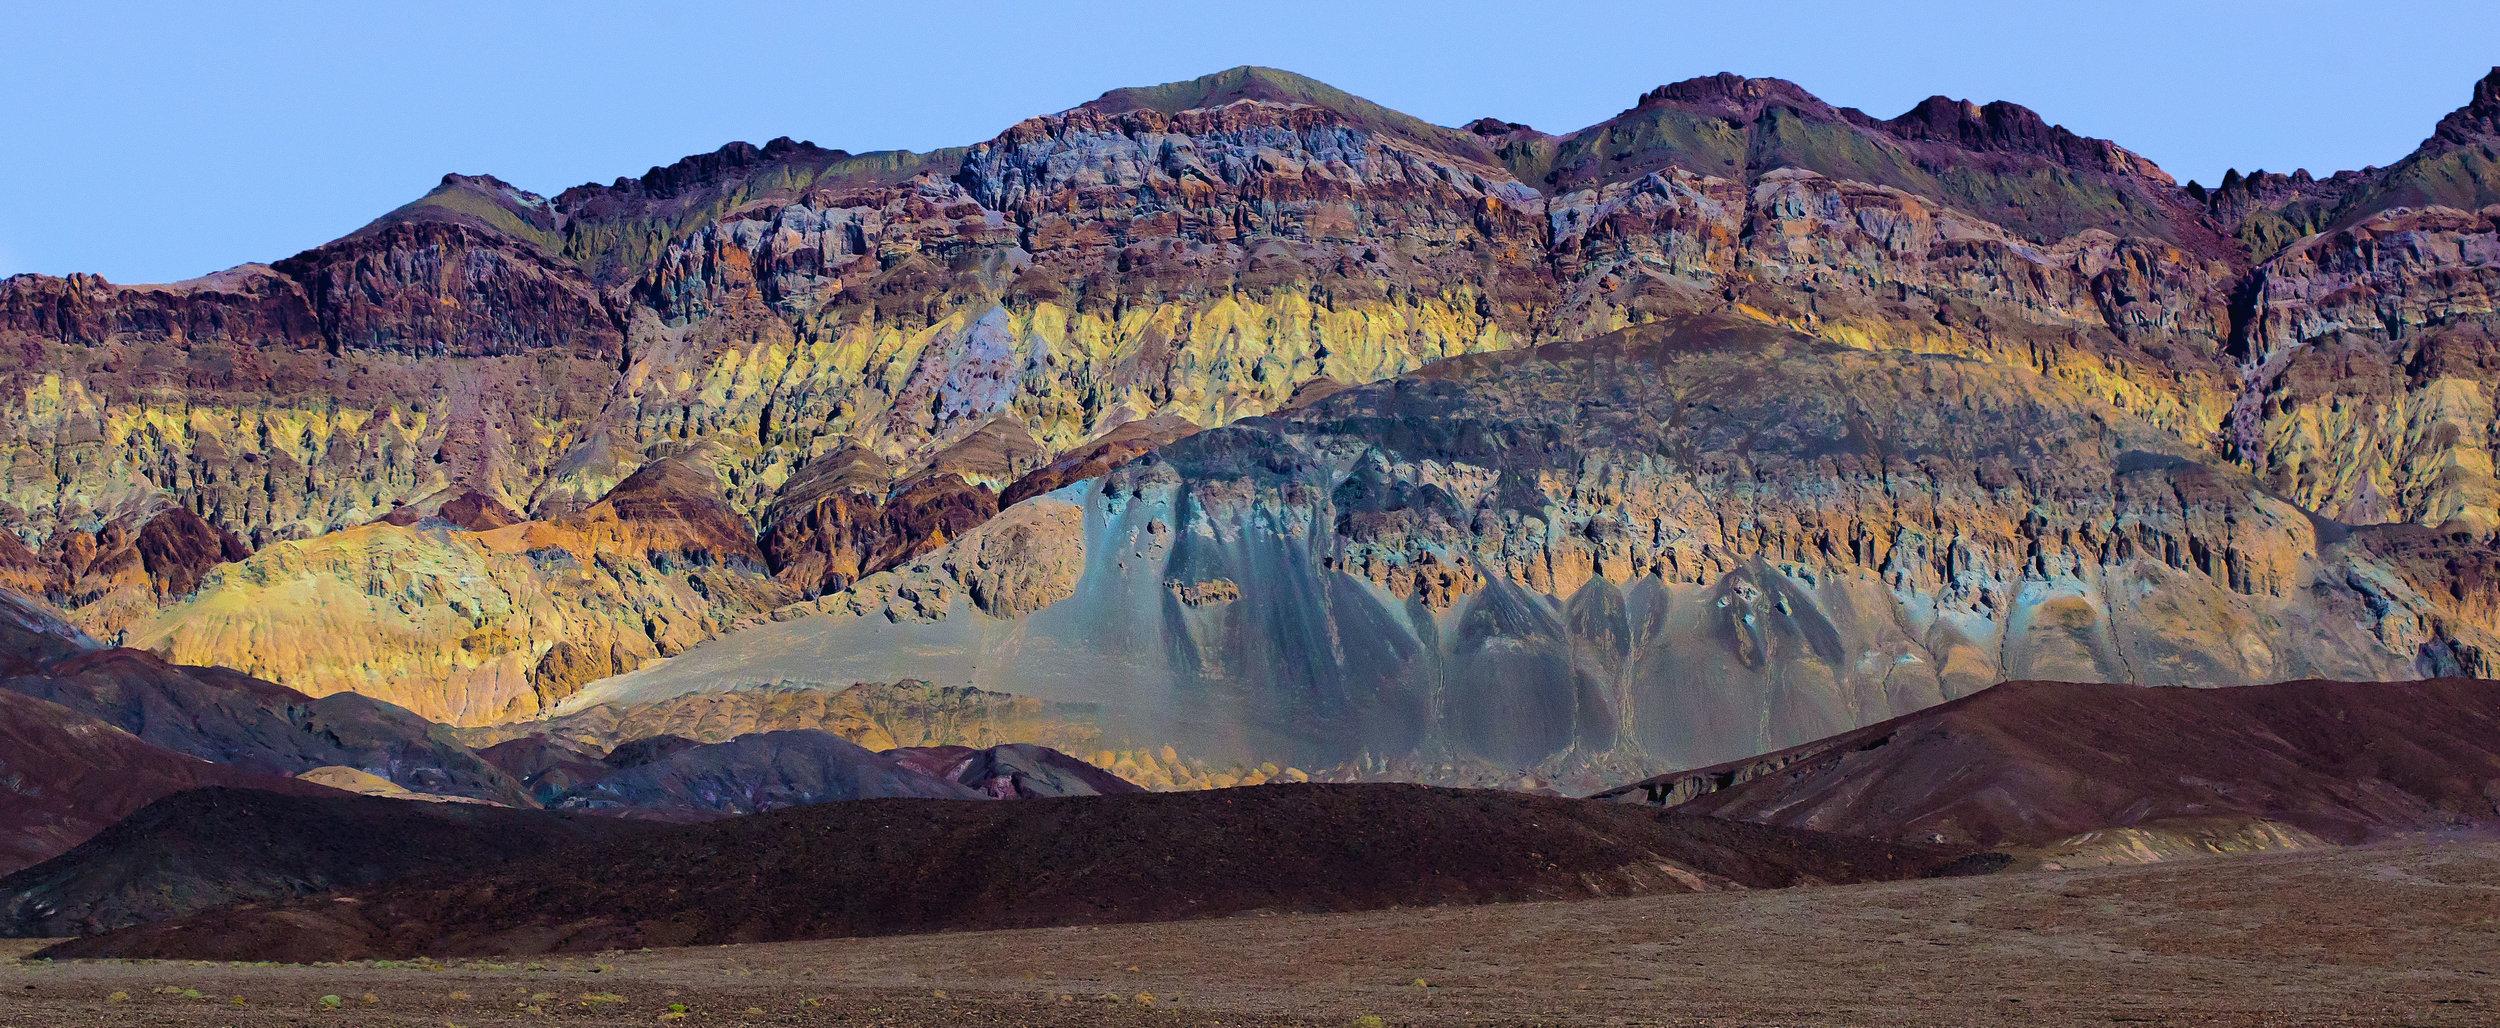 Death Valley 3.jpg